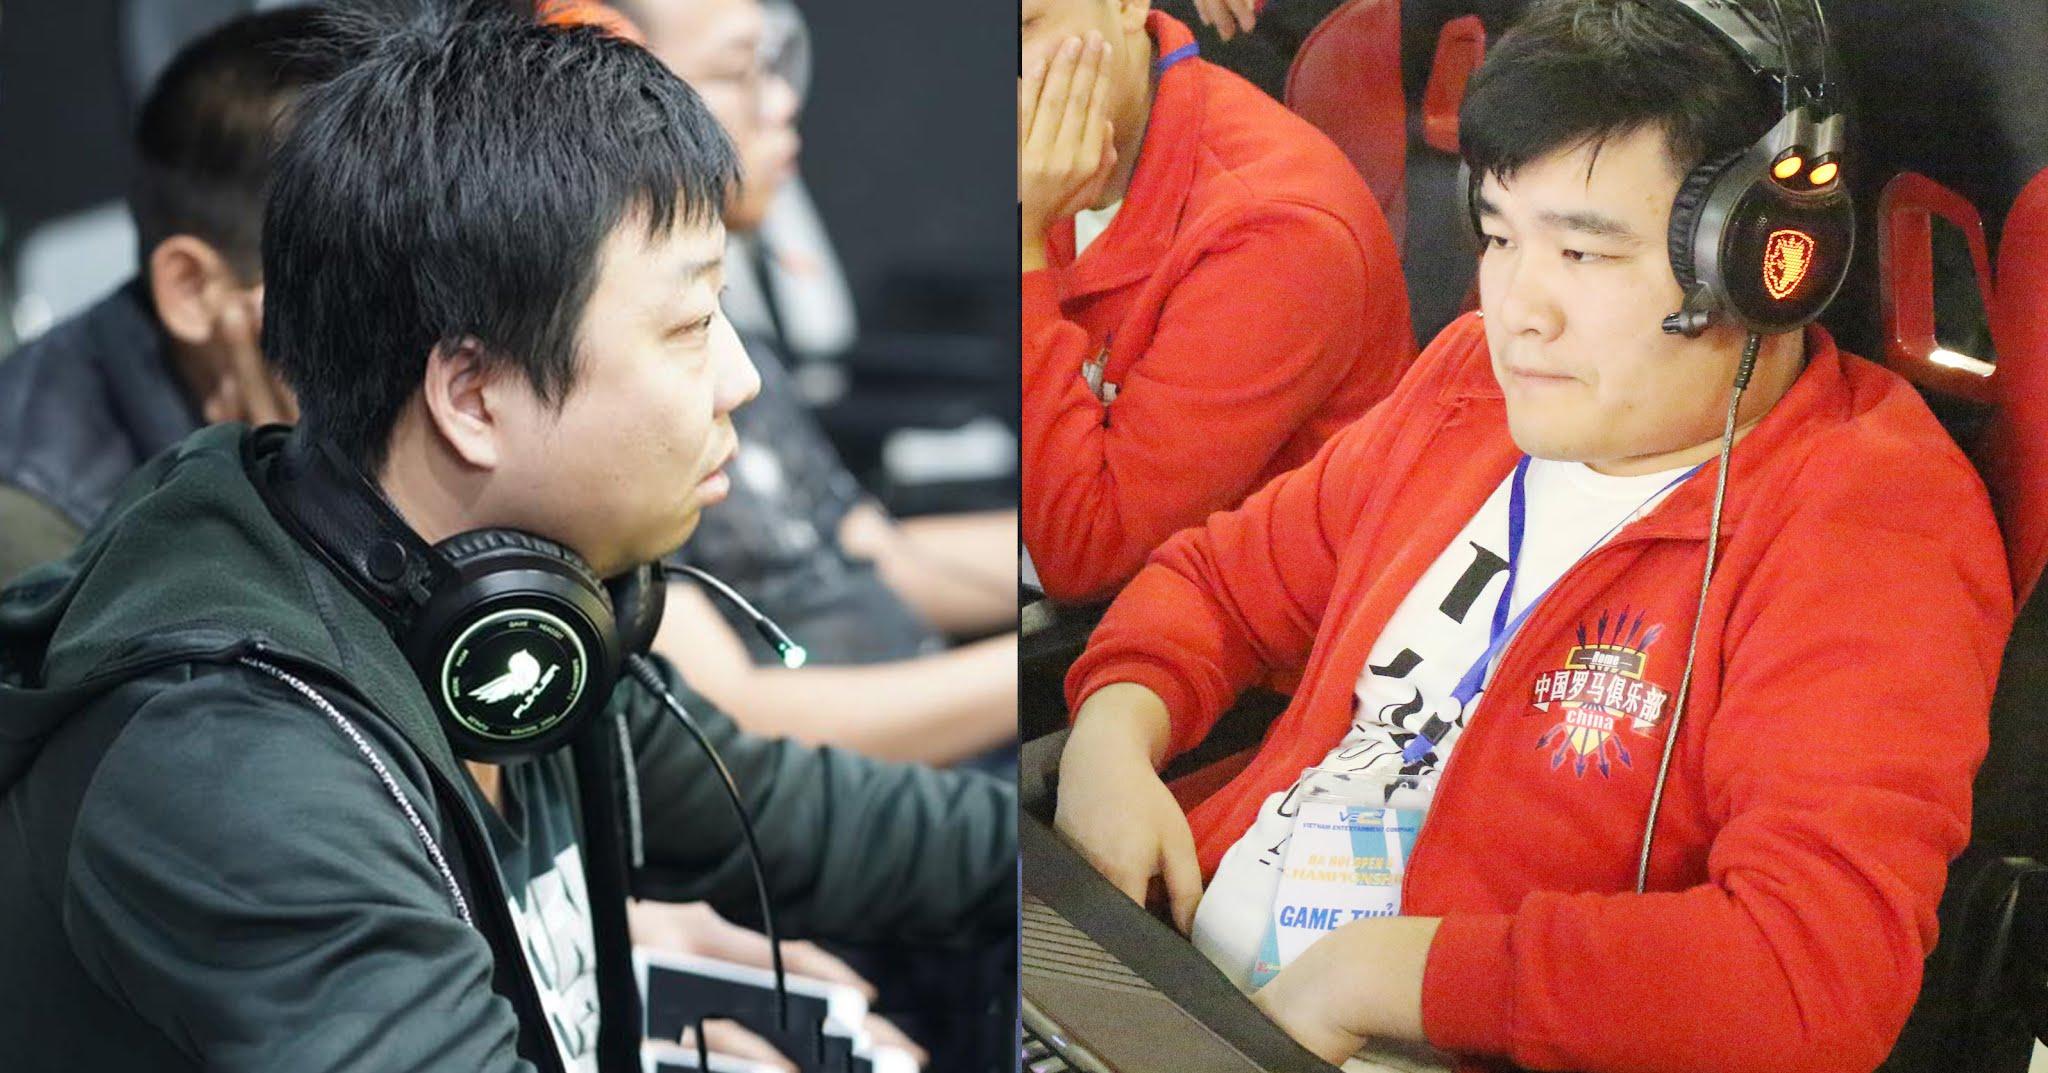 Shenlong - So - luyen - 2 - cai - ten - dai - dien - cho - 2 - the - luc - cua - AoE - trung - quoc